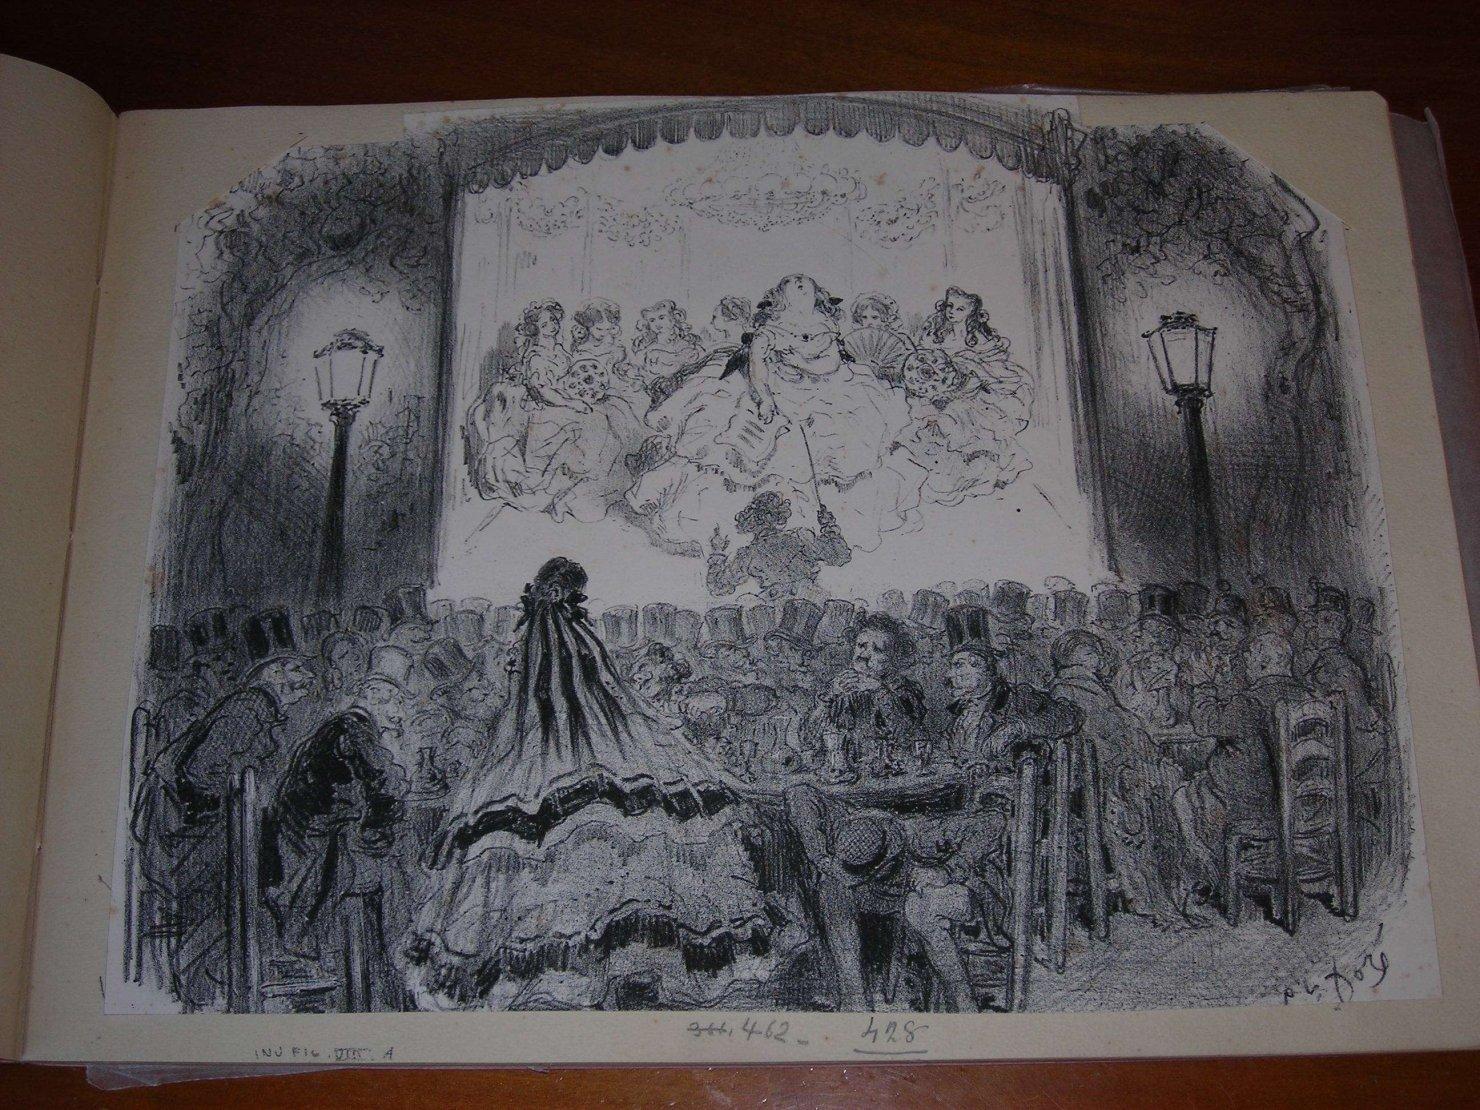 teatro all'aperto (stampa) di Doré Gustave (sec. XIX)